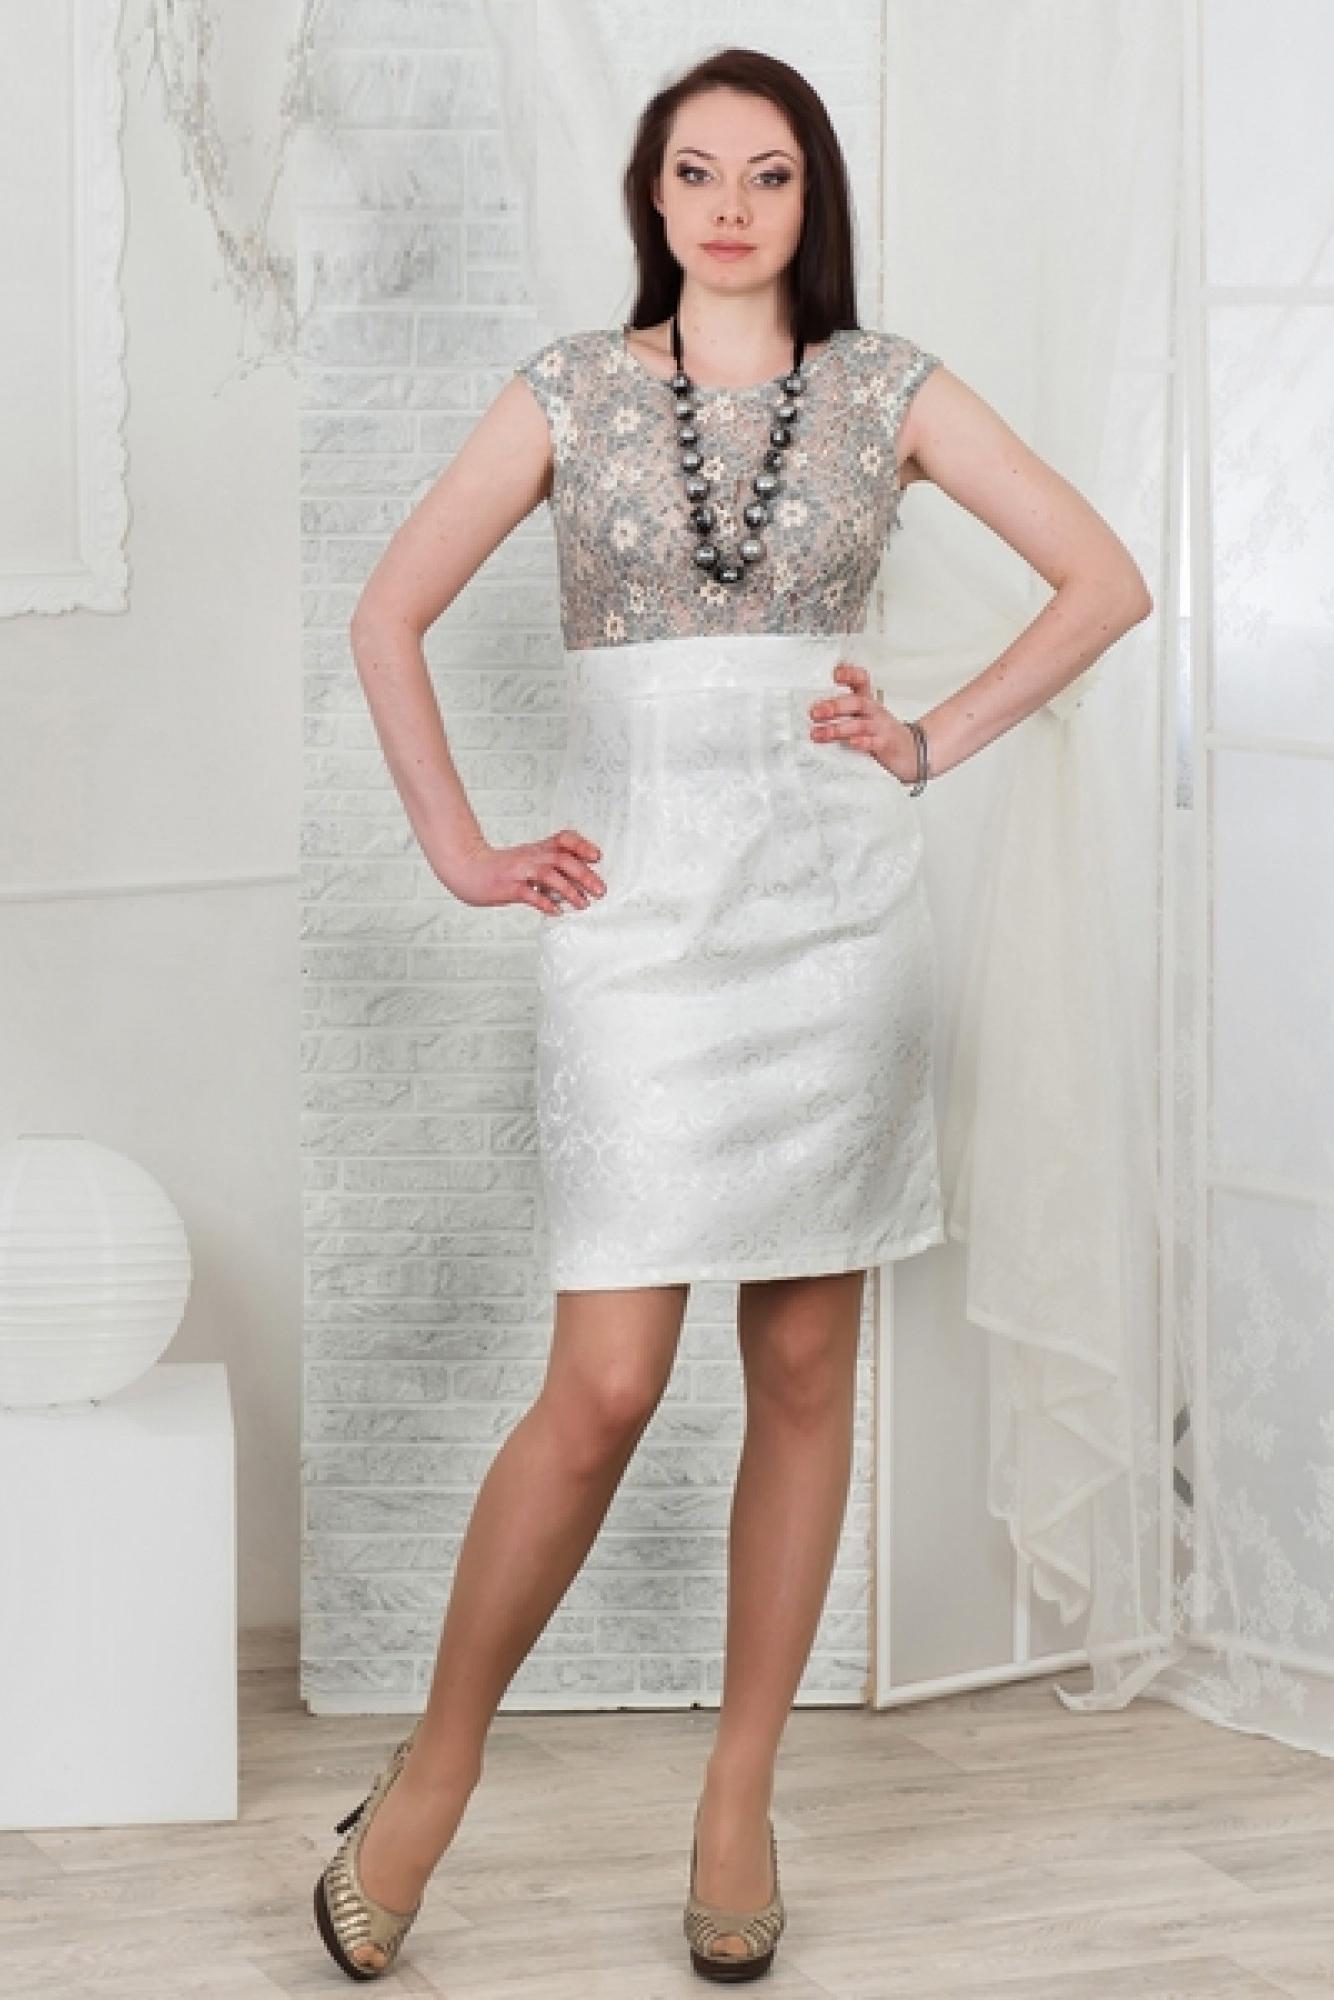 ПлатьеПлатья<br>Утонченная модель подчеркнет Вашу женственность. Безупречное сочетание - лиф из  меланжевого кружева на хлопковой основе и юбка из жаккардового хлопка - стрейч молочного цвета. Завышенная талия удлинит Ваши ноги.  Бусы в комплект не входят.  Цвет: бежевый, серый, молочный.  Длина излелия до 48 размера около 95 см Длина изделия от 50 размера около 100 см<br><br>Горловина: С- горловина<br>По длине: До колена<br>По материалу: Жаккард,Хлопок<br>По рисунку: Цветные,Растительные мотивы,С принтом,Цветочные<br>По сезону: Весна,Зима,Лето,Осень,Всесезон<br>По силуэту: Приталенные<br>По стилю: Нарядный стиль,Повседневный стиль,Летний стиль<br>По форме: Платье - футляр<br>По элементам: С декором,С завышенной талией,С разрезом<br>Разрез: Шлица<br>Рукав: Без рукавов<br>Размер : 48,50,52,54<br>Материал: Жаккард<br>Количество в наличии: 8